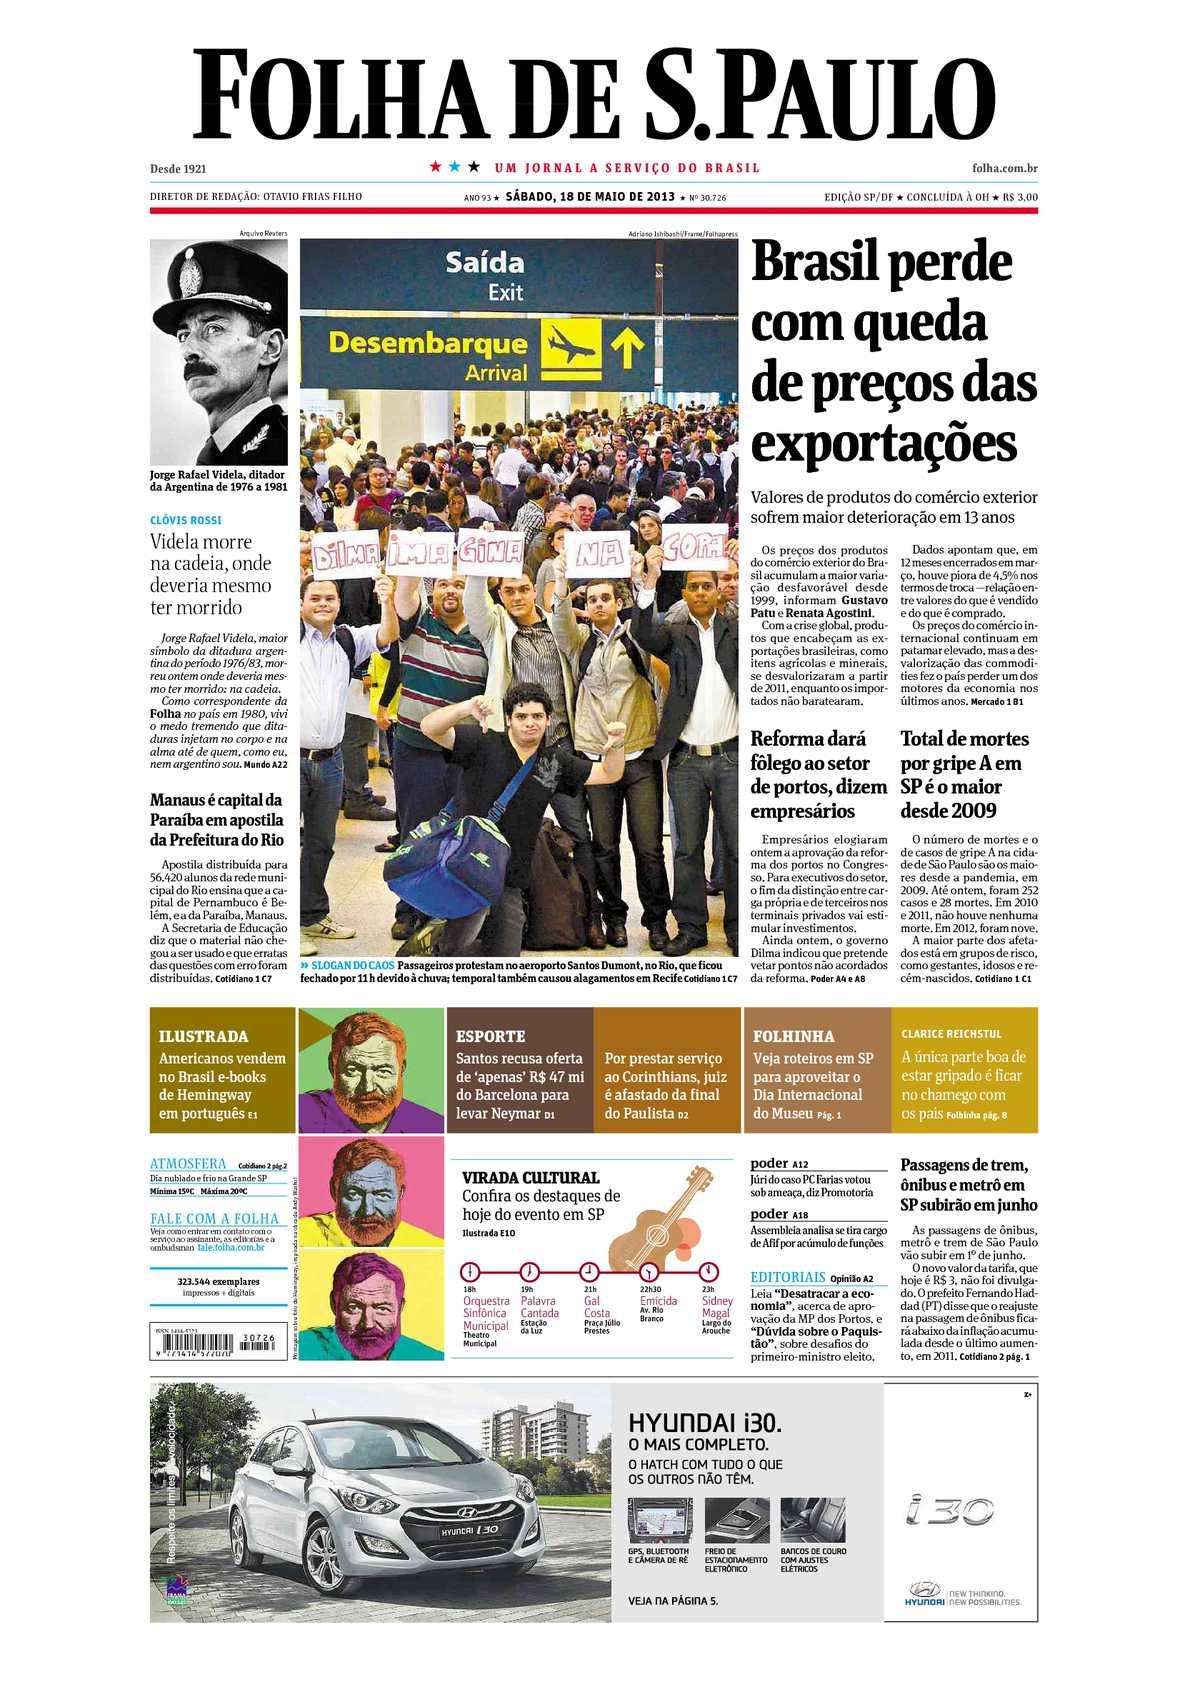 19649ede86745 Calaméo - Folha de São Paulo 18-05-2013